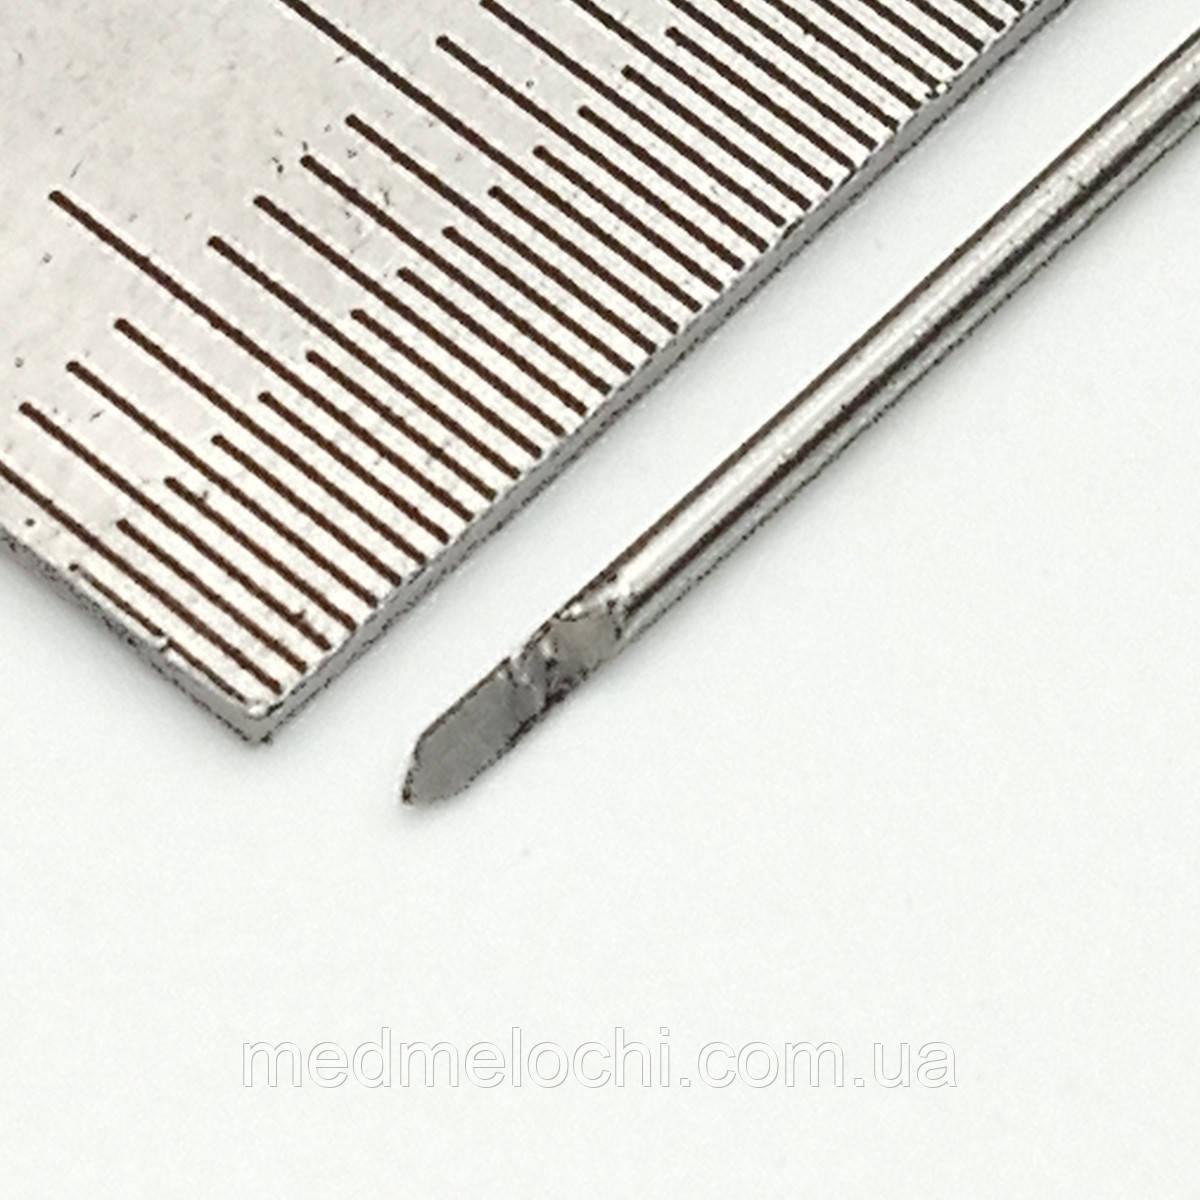 Спица 1.0 мм L=150мм